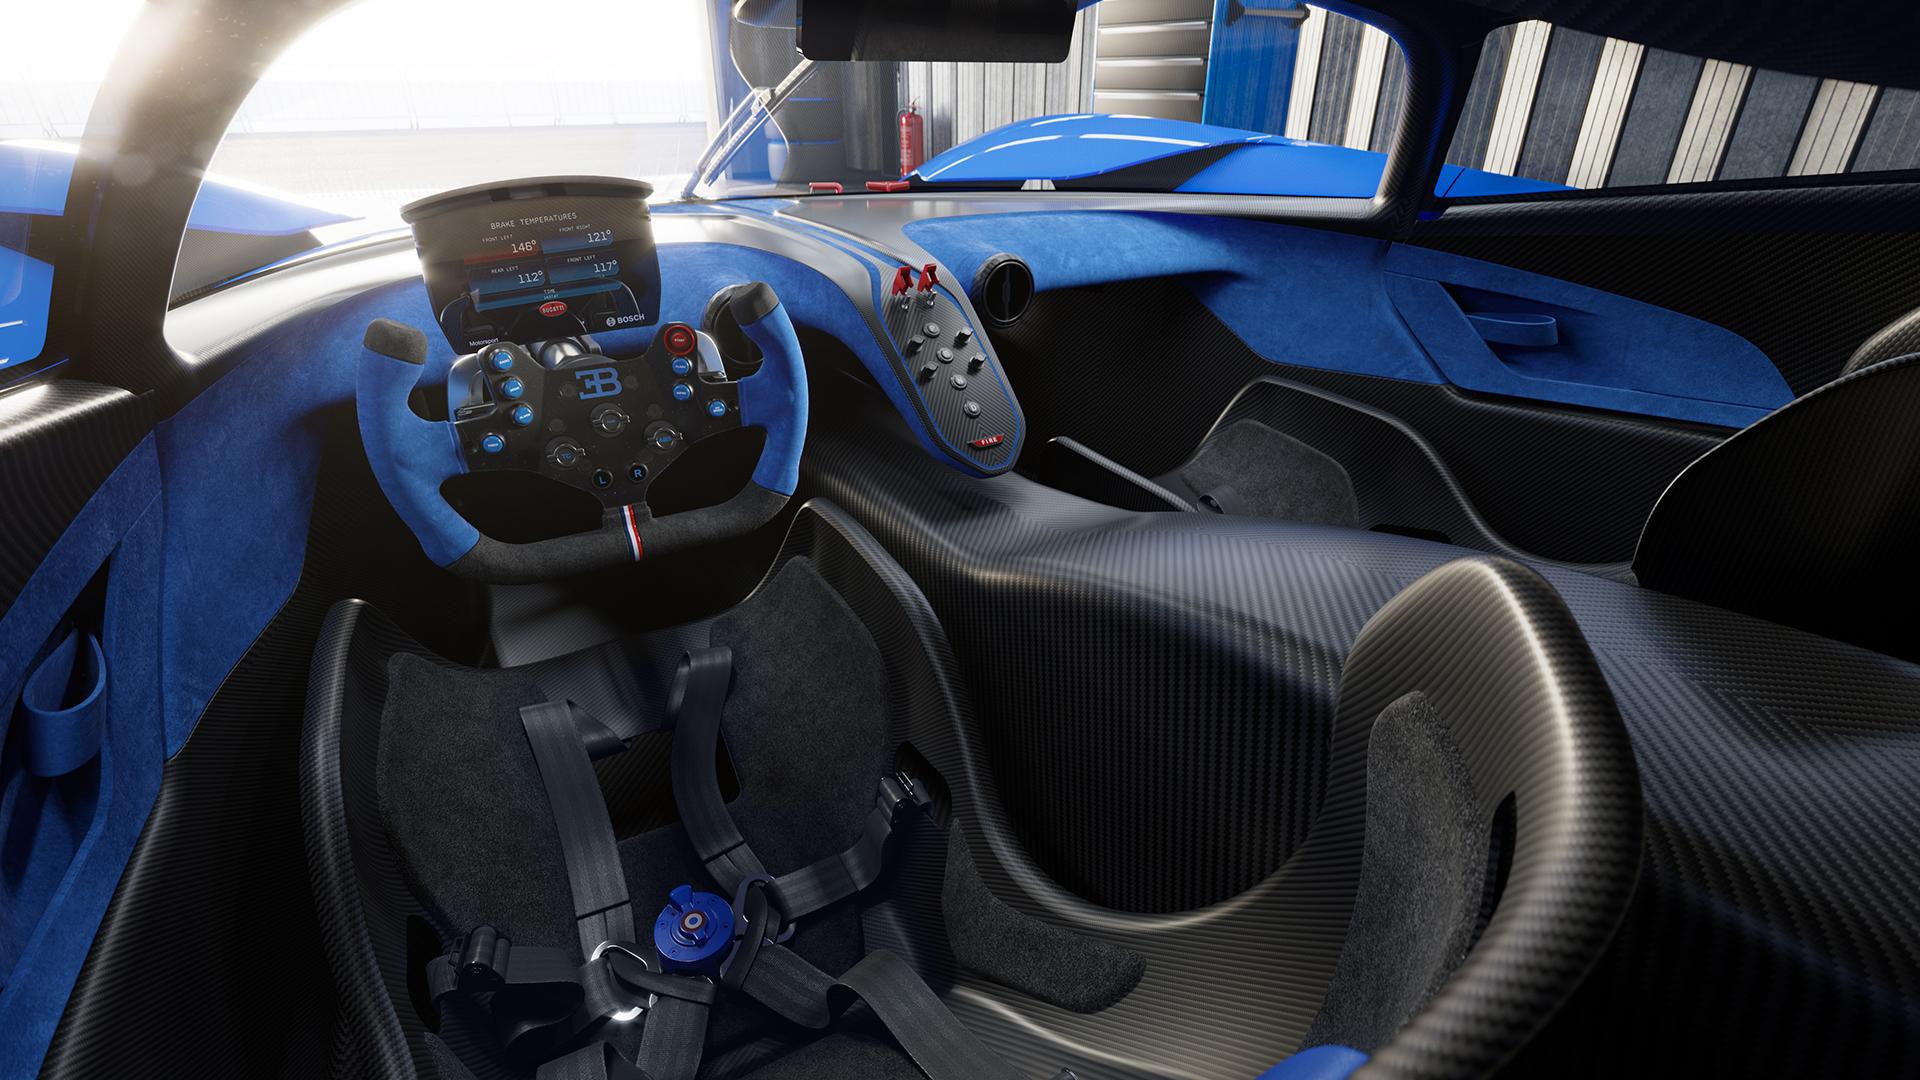 Bugatti bolide interior cockpit